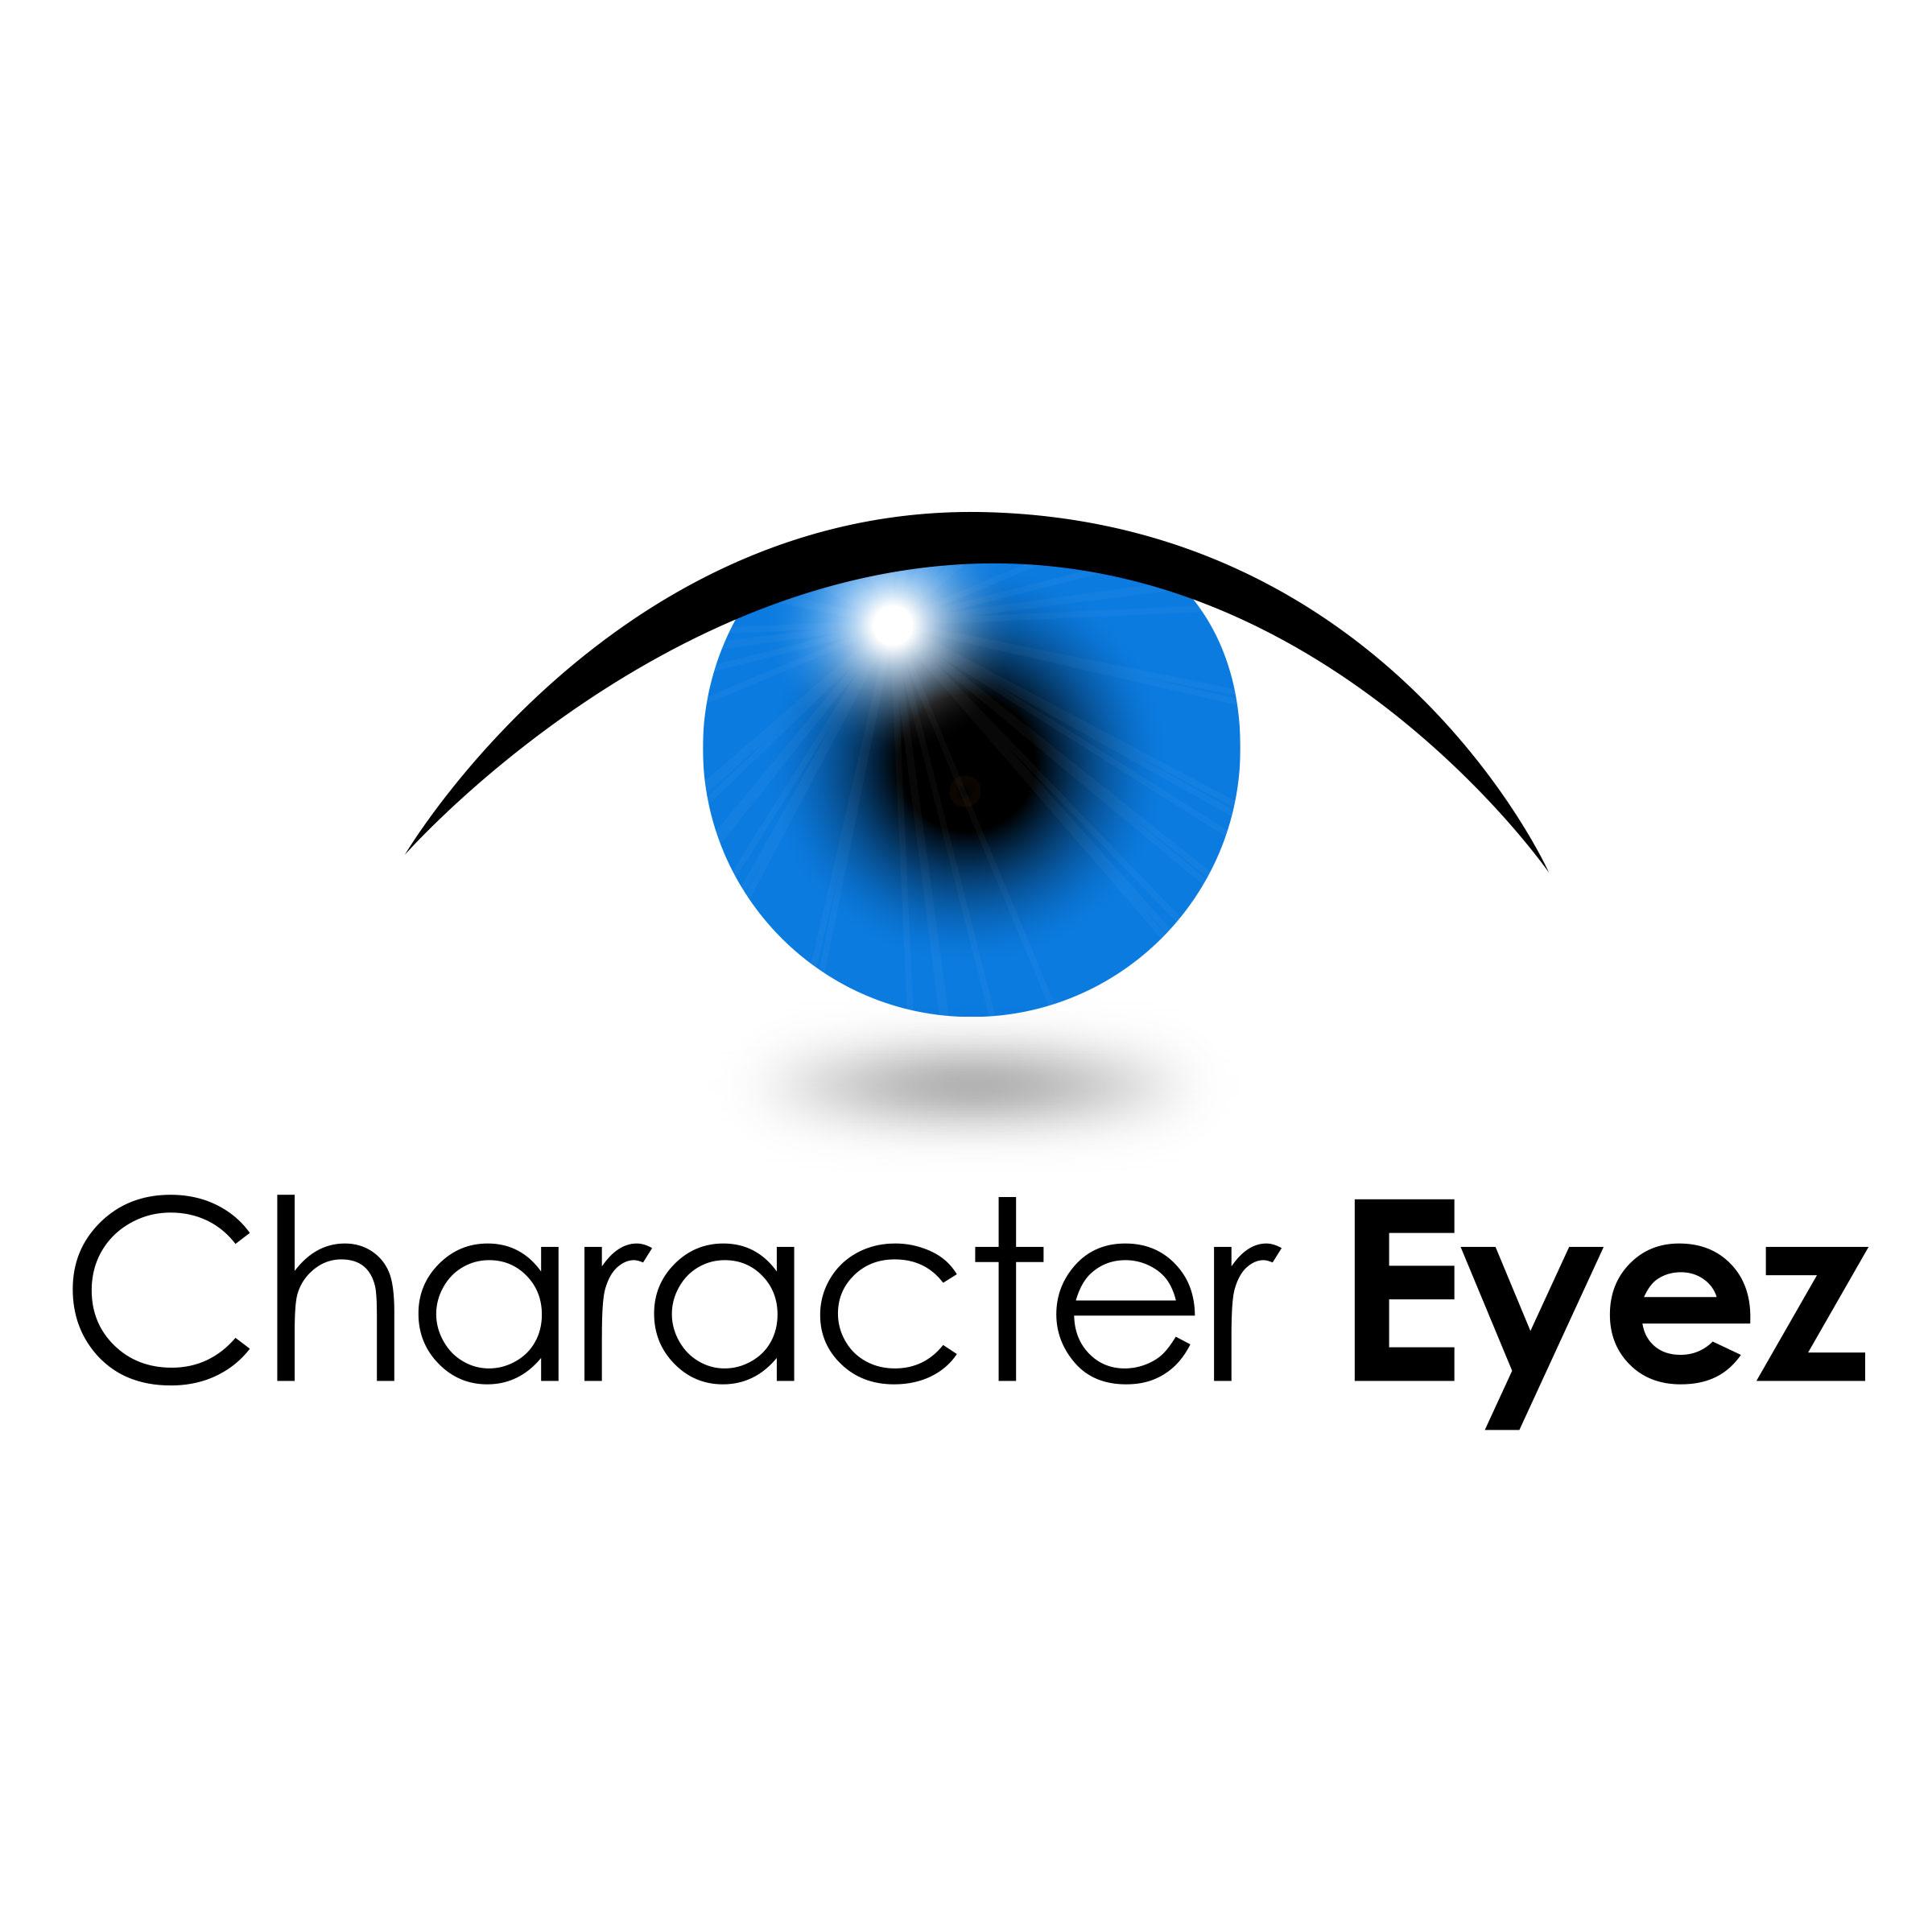 Character Eyez